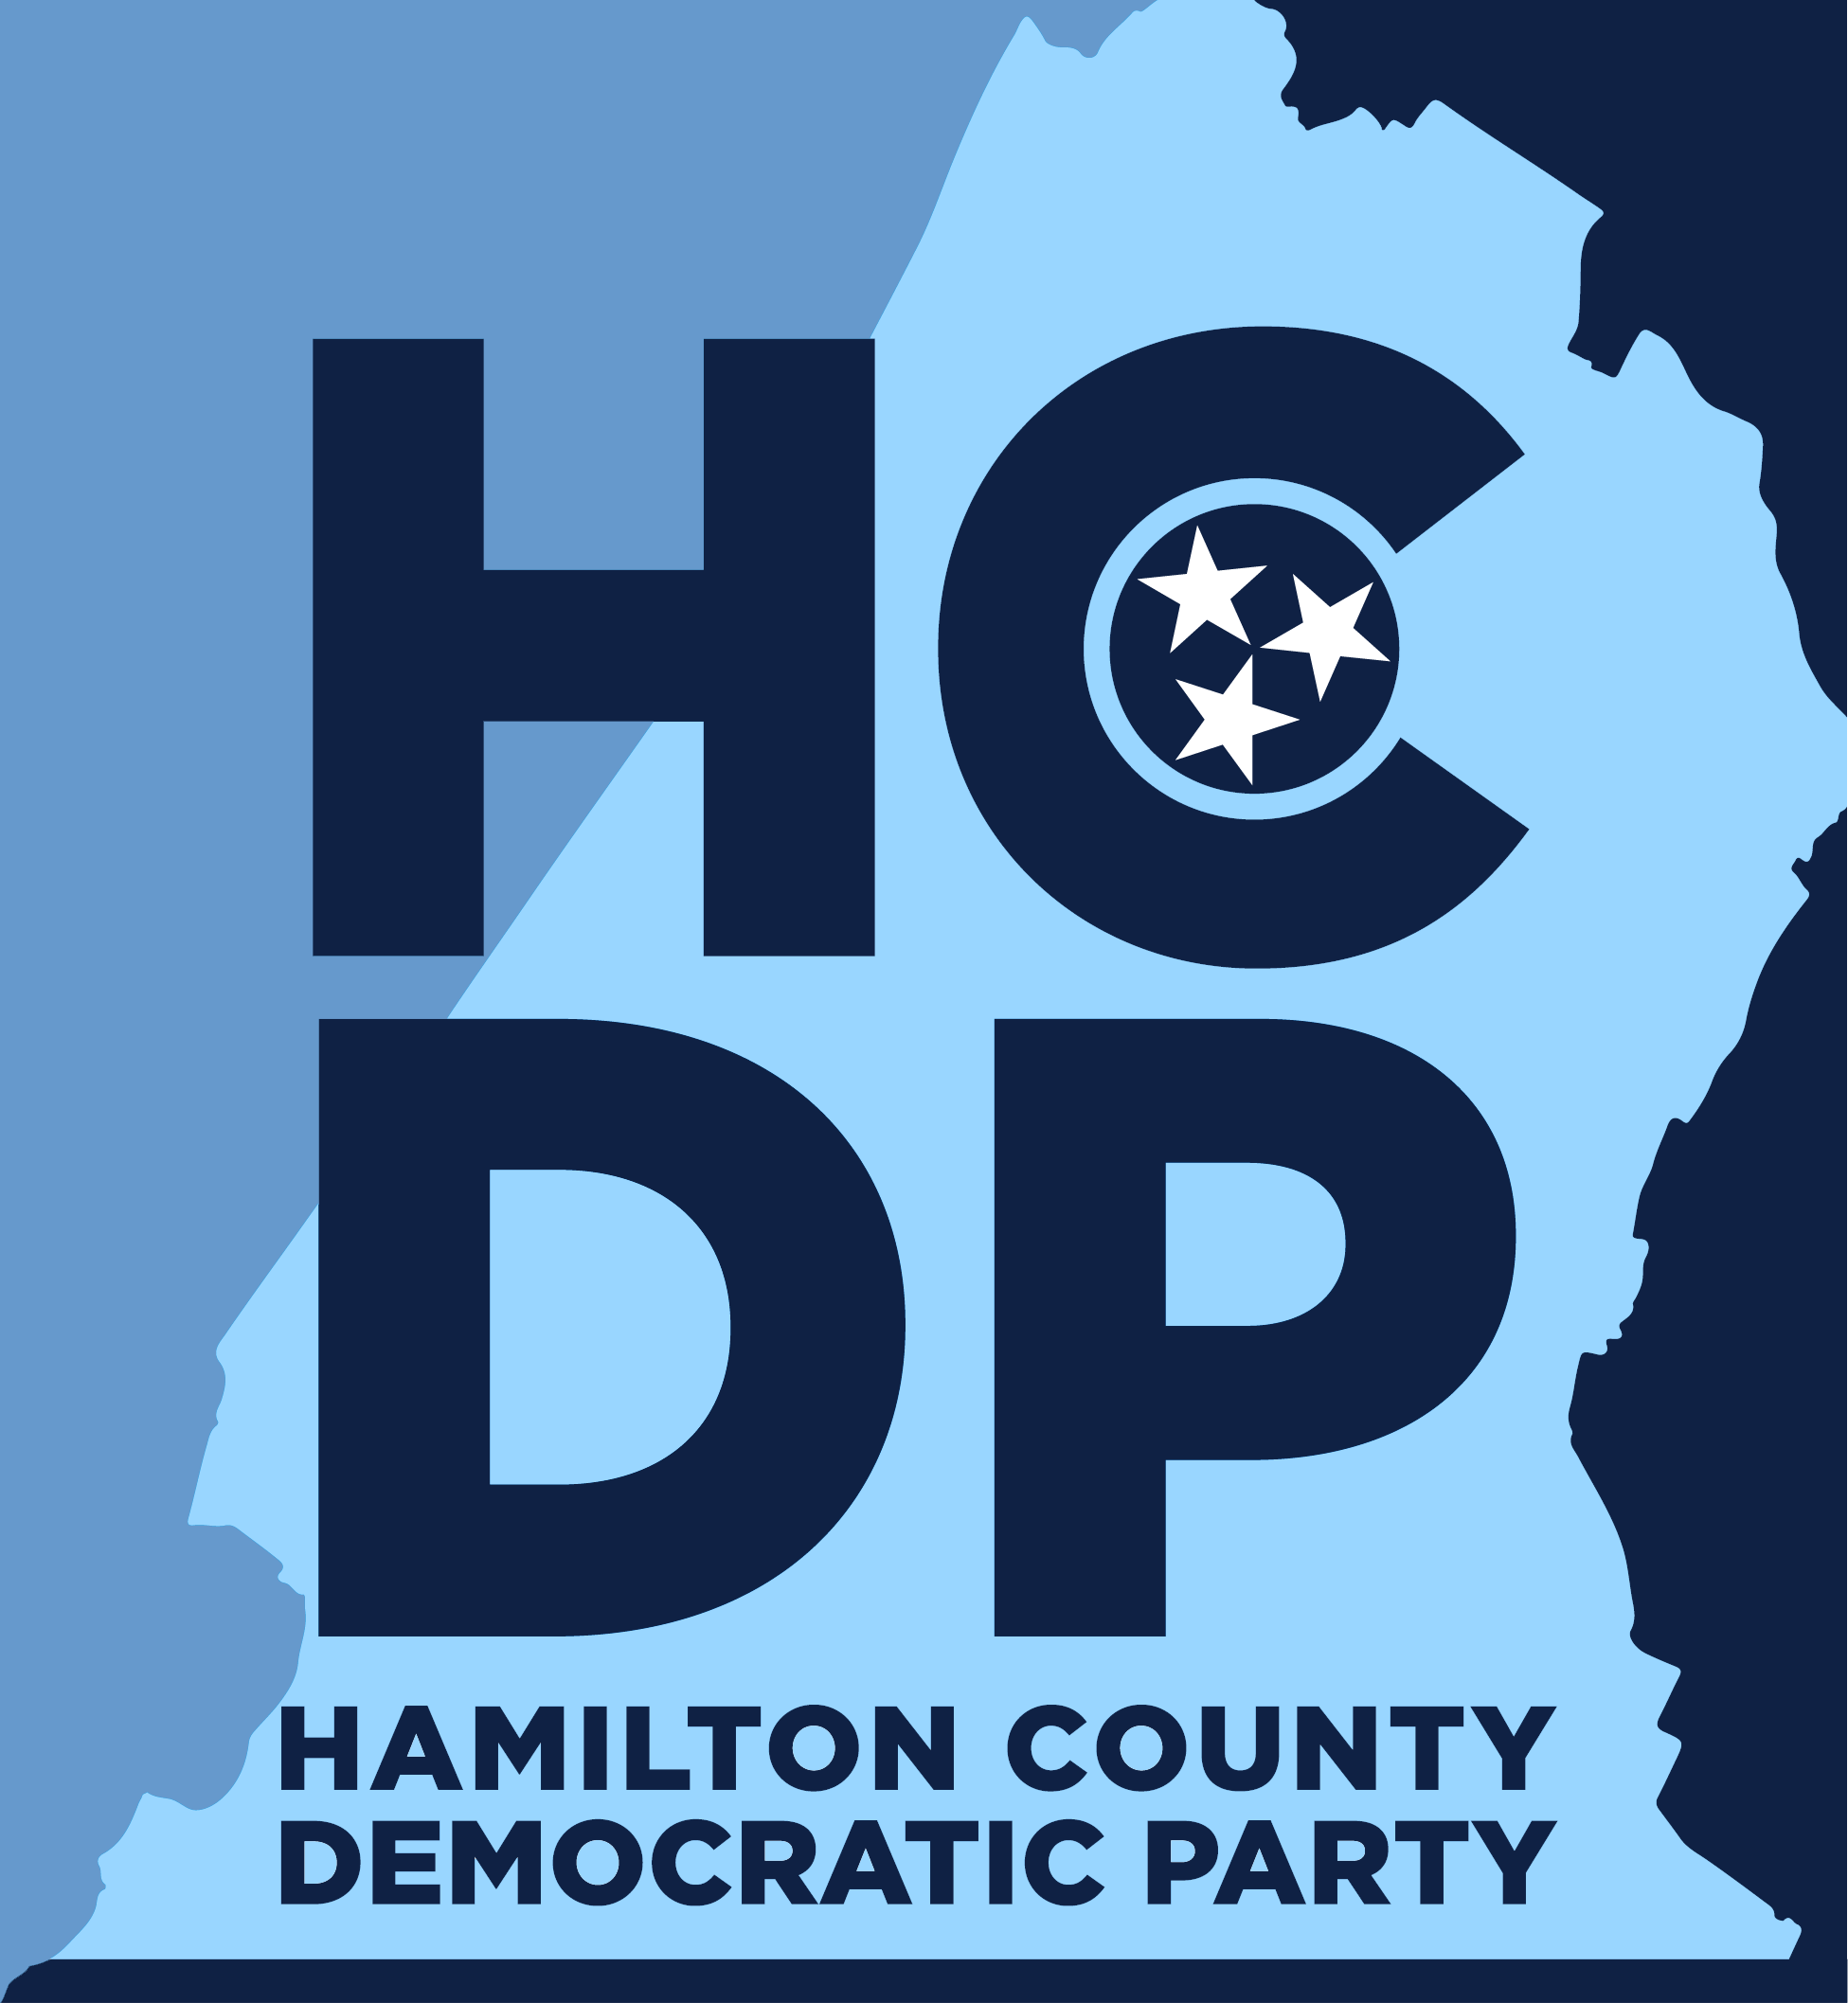 Hamilton County Democratic Party (TN)